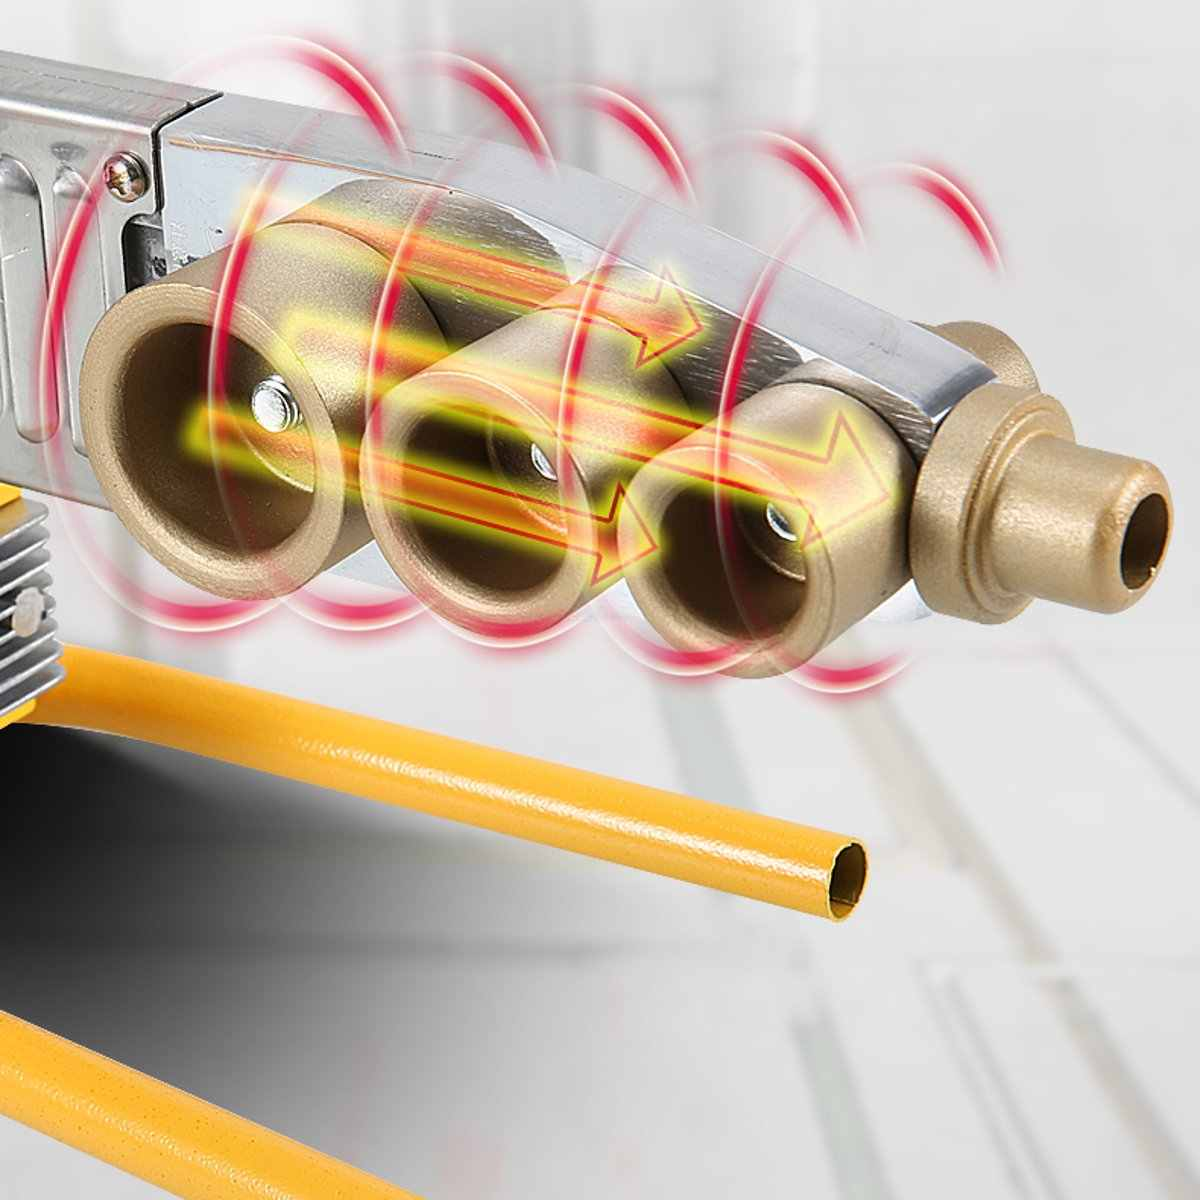 Cabeças de ferramenta de aquecimento da máquina de soldadura da tubulação elétrica conjunto para o pe ppr pb tubo plástico ppr máquina de solda quente do derretimento controle temperatura